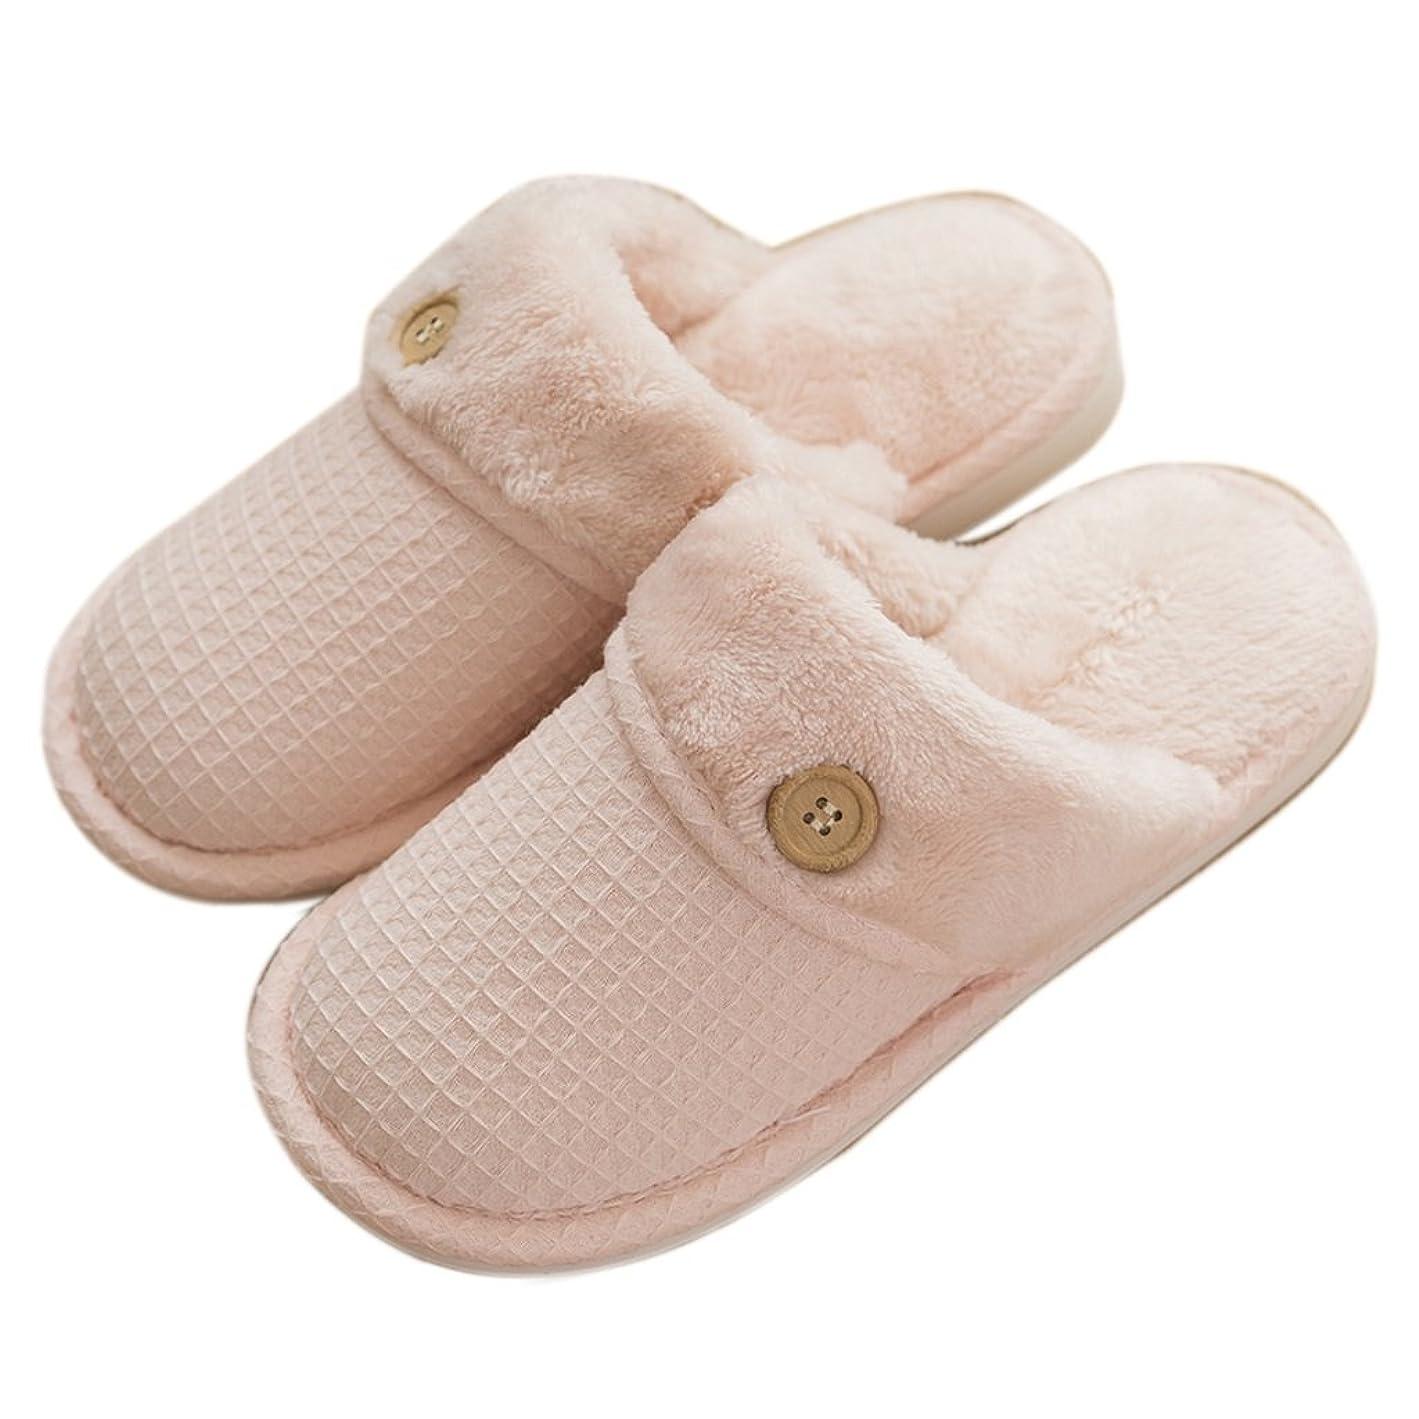 ウィンクご近所ペルメルスリッパ冬の女性の綿ノンスリップ暖かい家庭用吸収剤ソフトで快適な靴 ( 色 : Pattern 3 , サイズ さいず : EUR:36-37 )